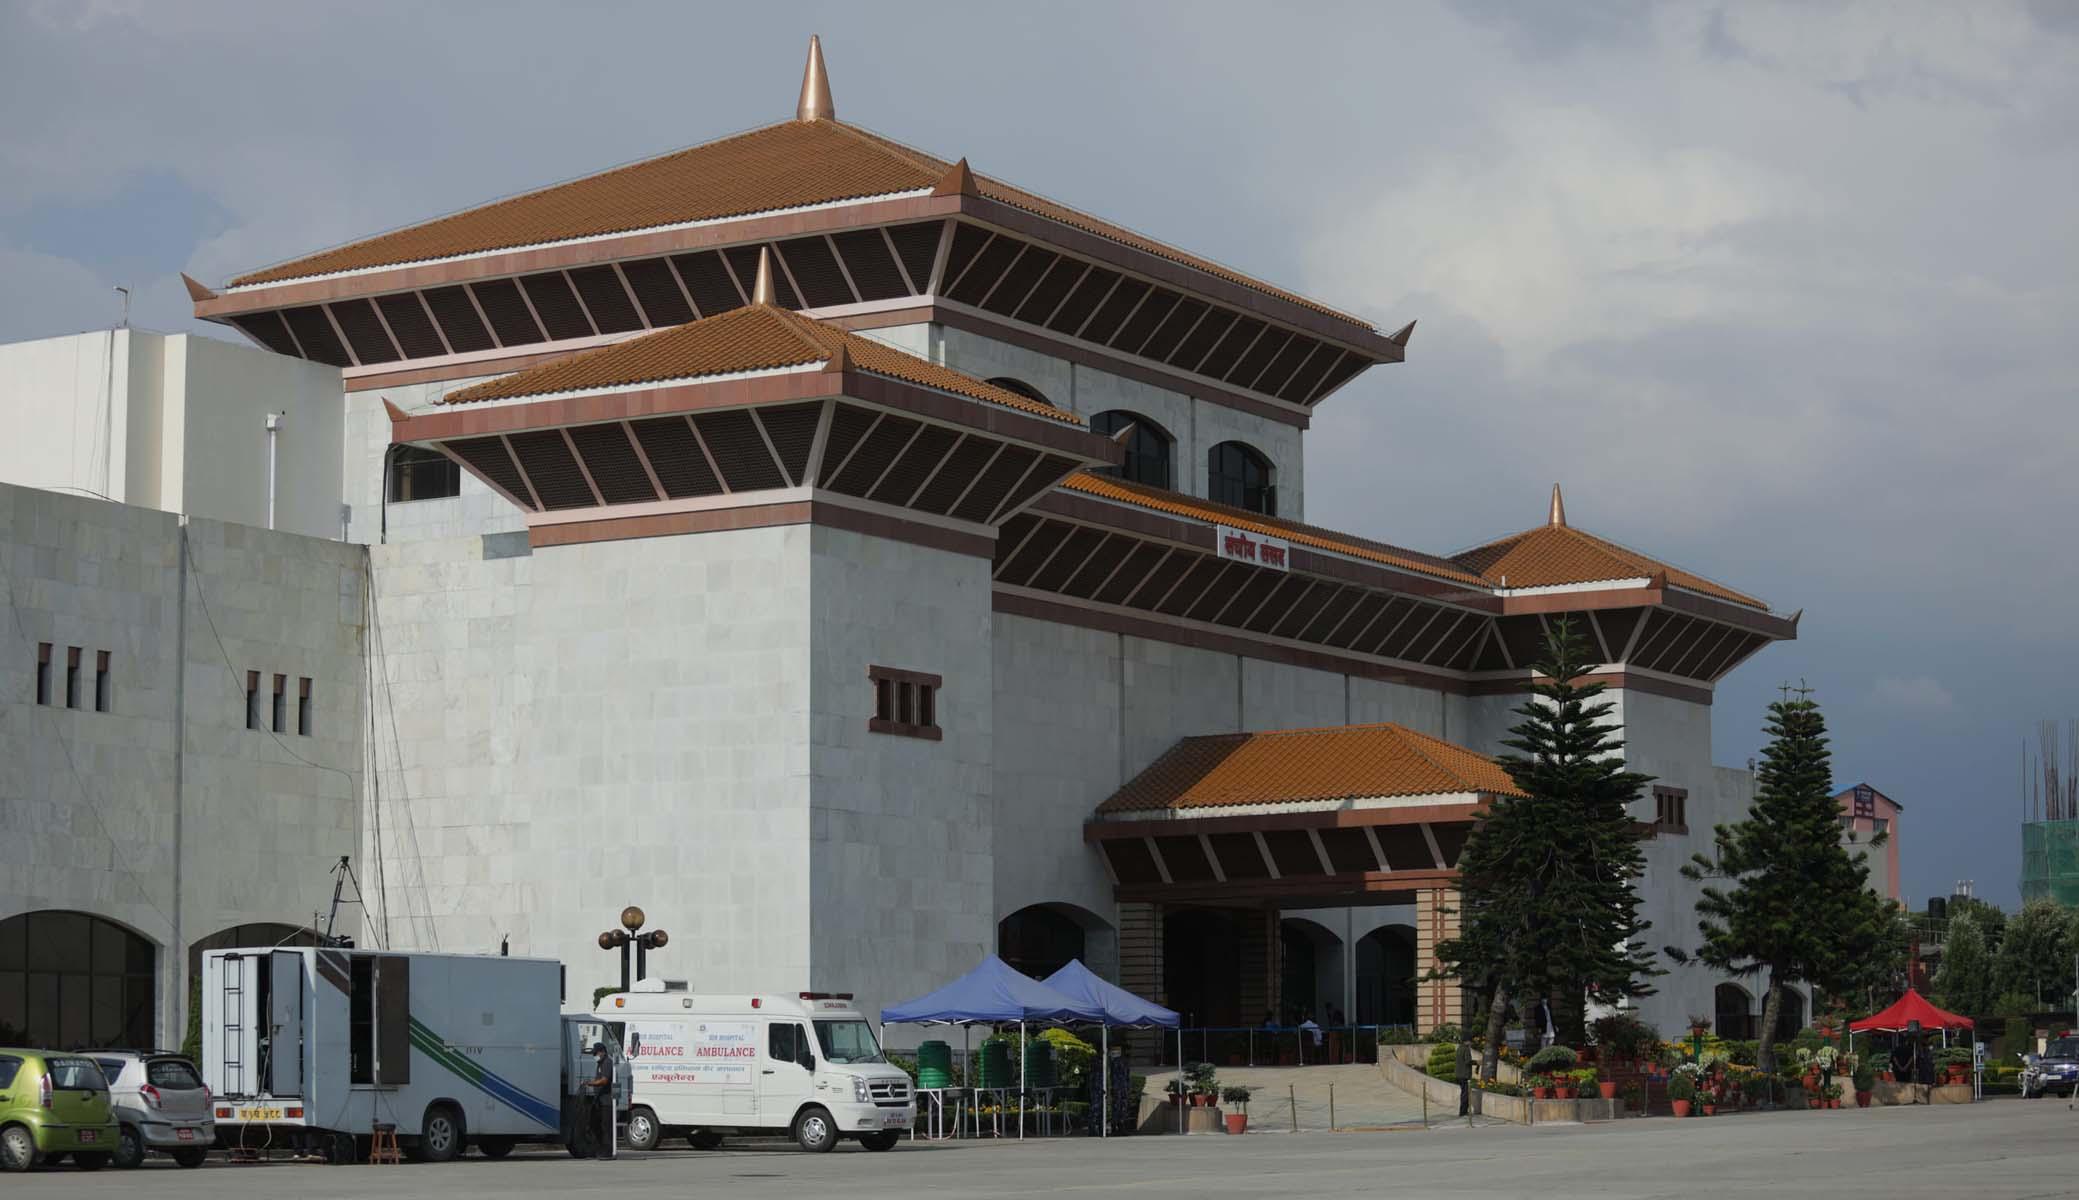 प्रधानमन्त्री केपी शर्मा ओलीले संसद विघटन गर्न सिफारिस गरे